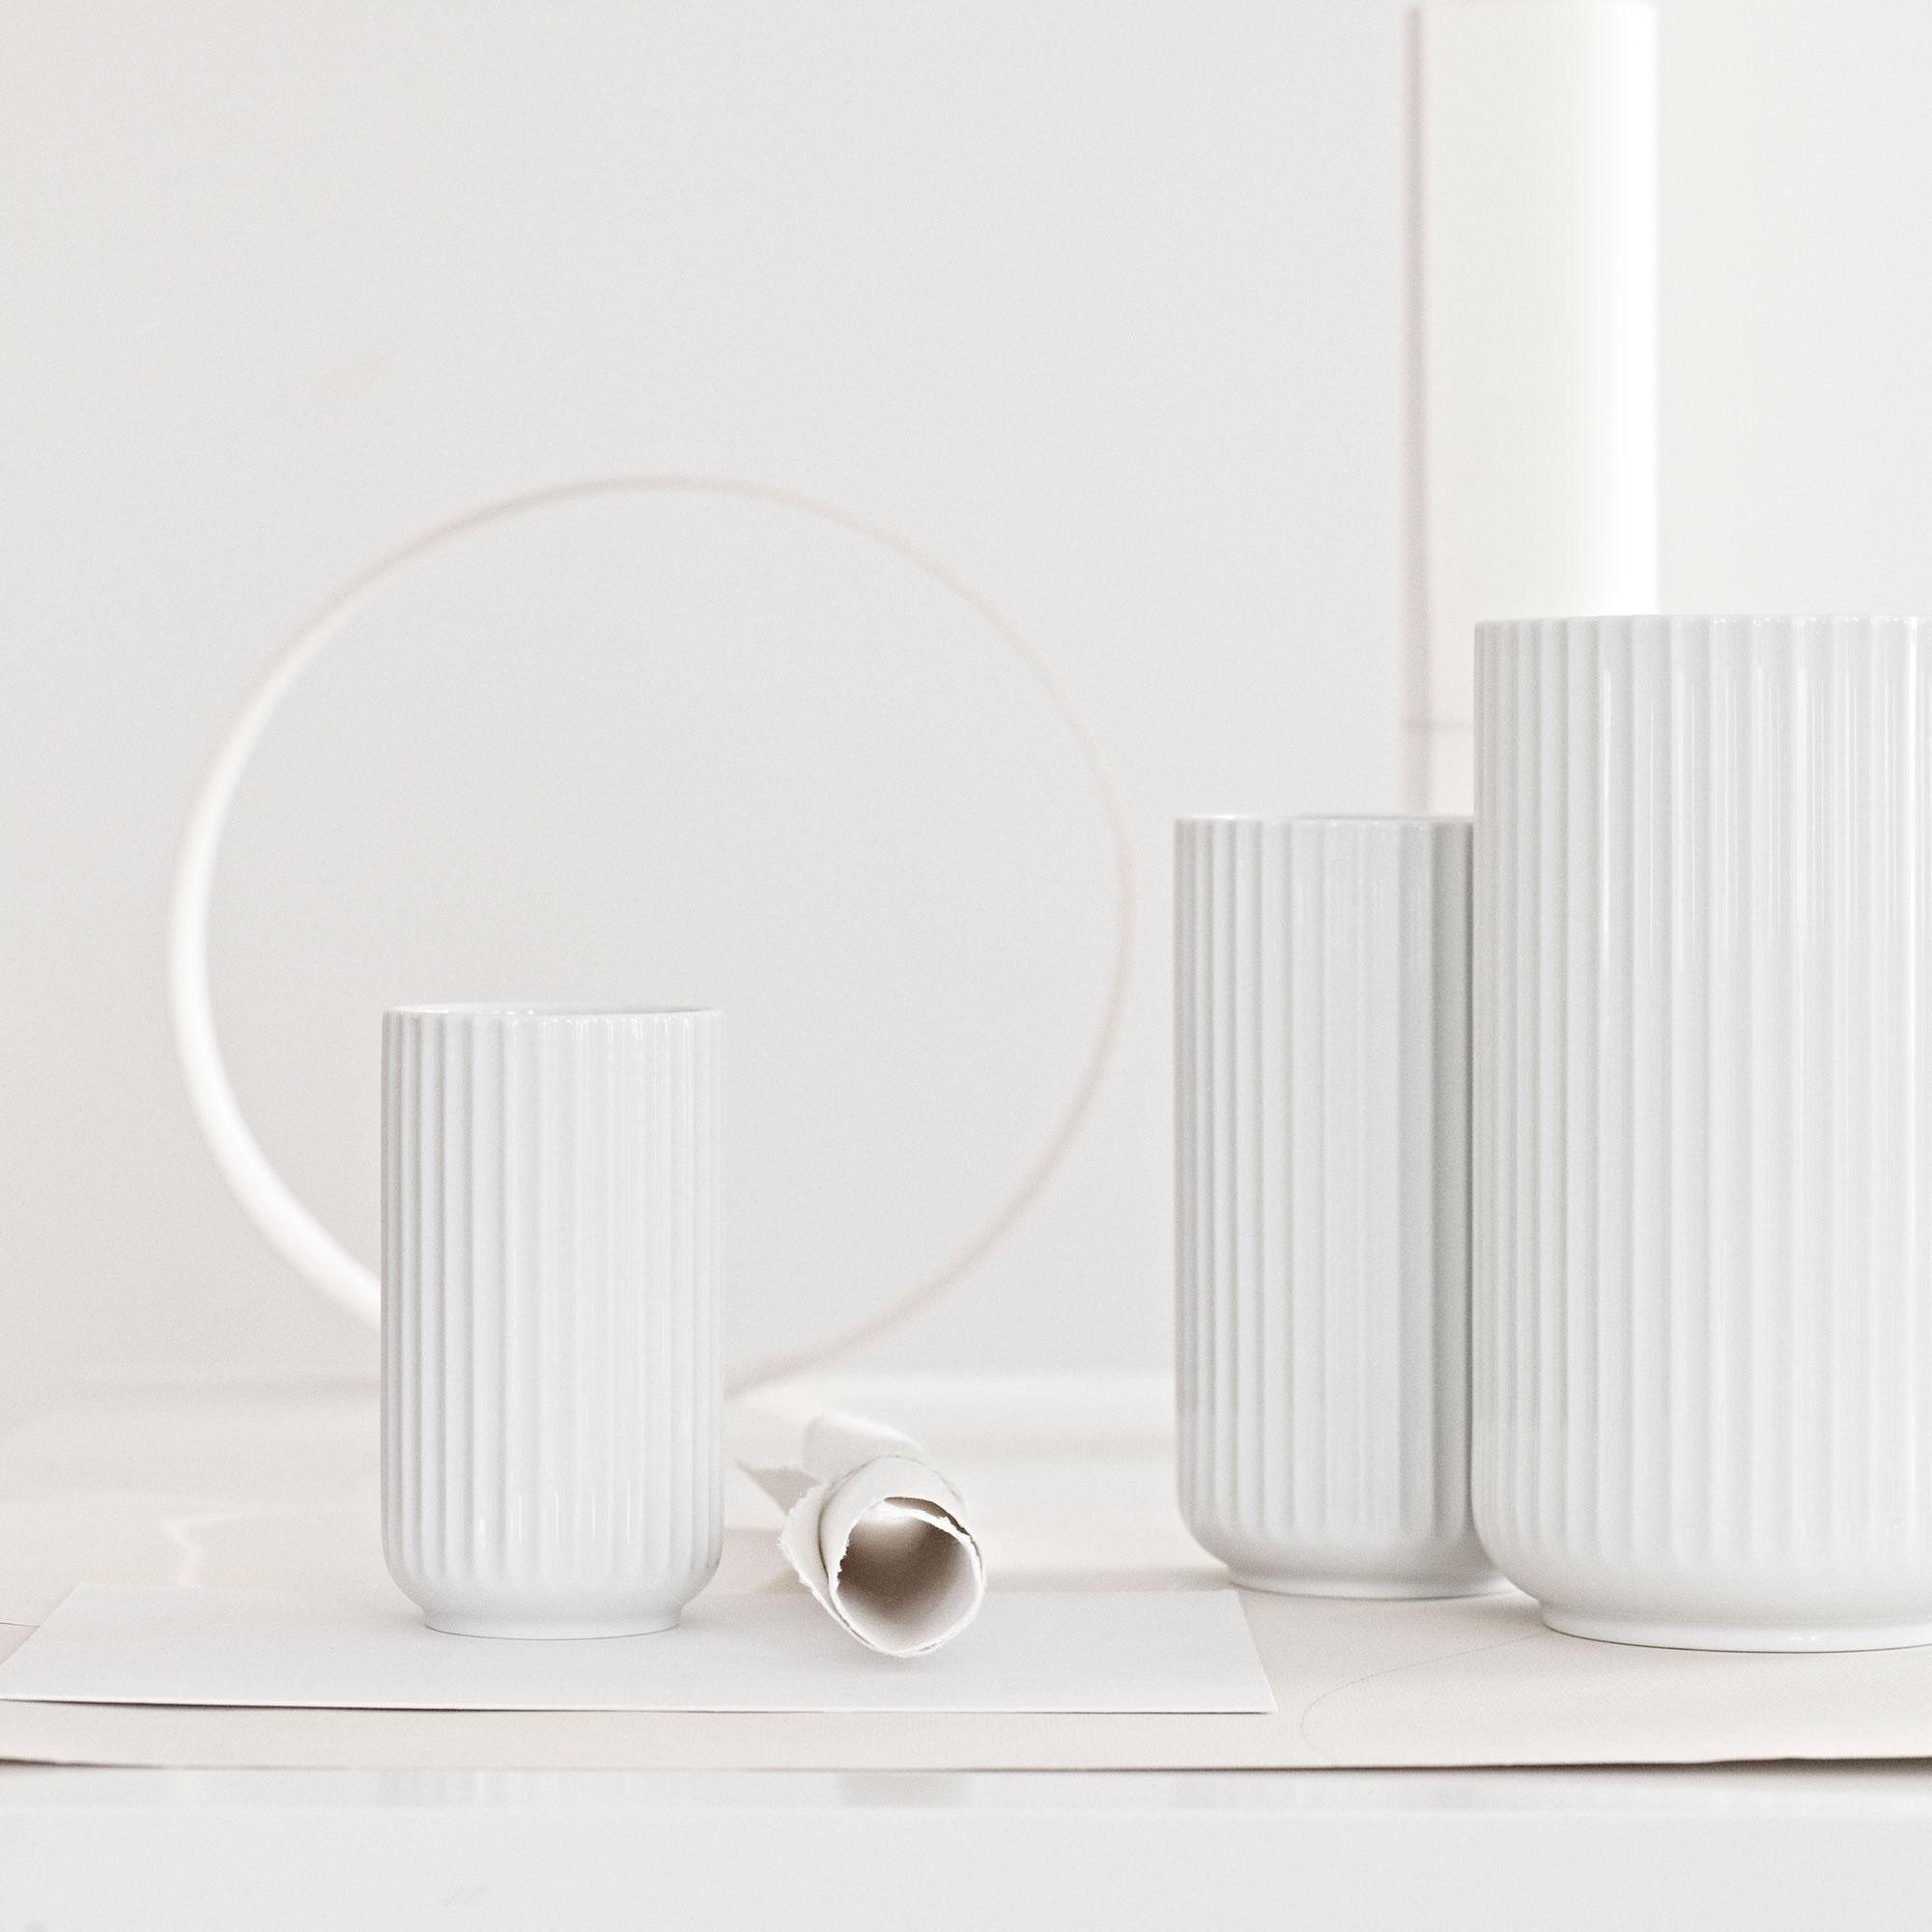 20 cm Lyngby Porzellan Vase matt weiß